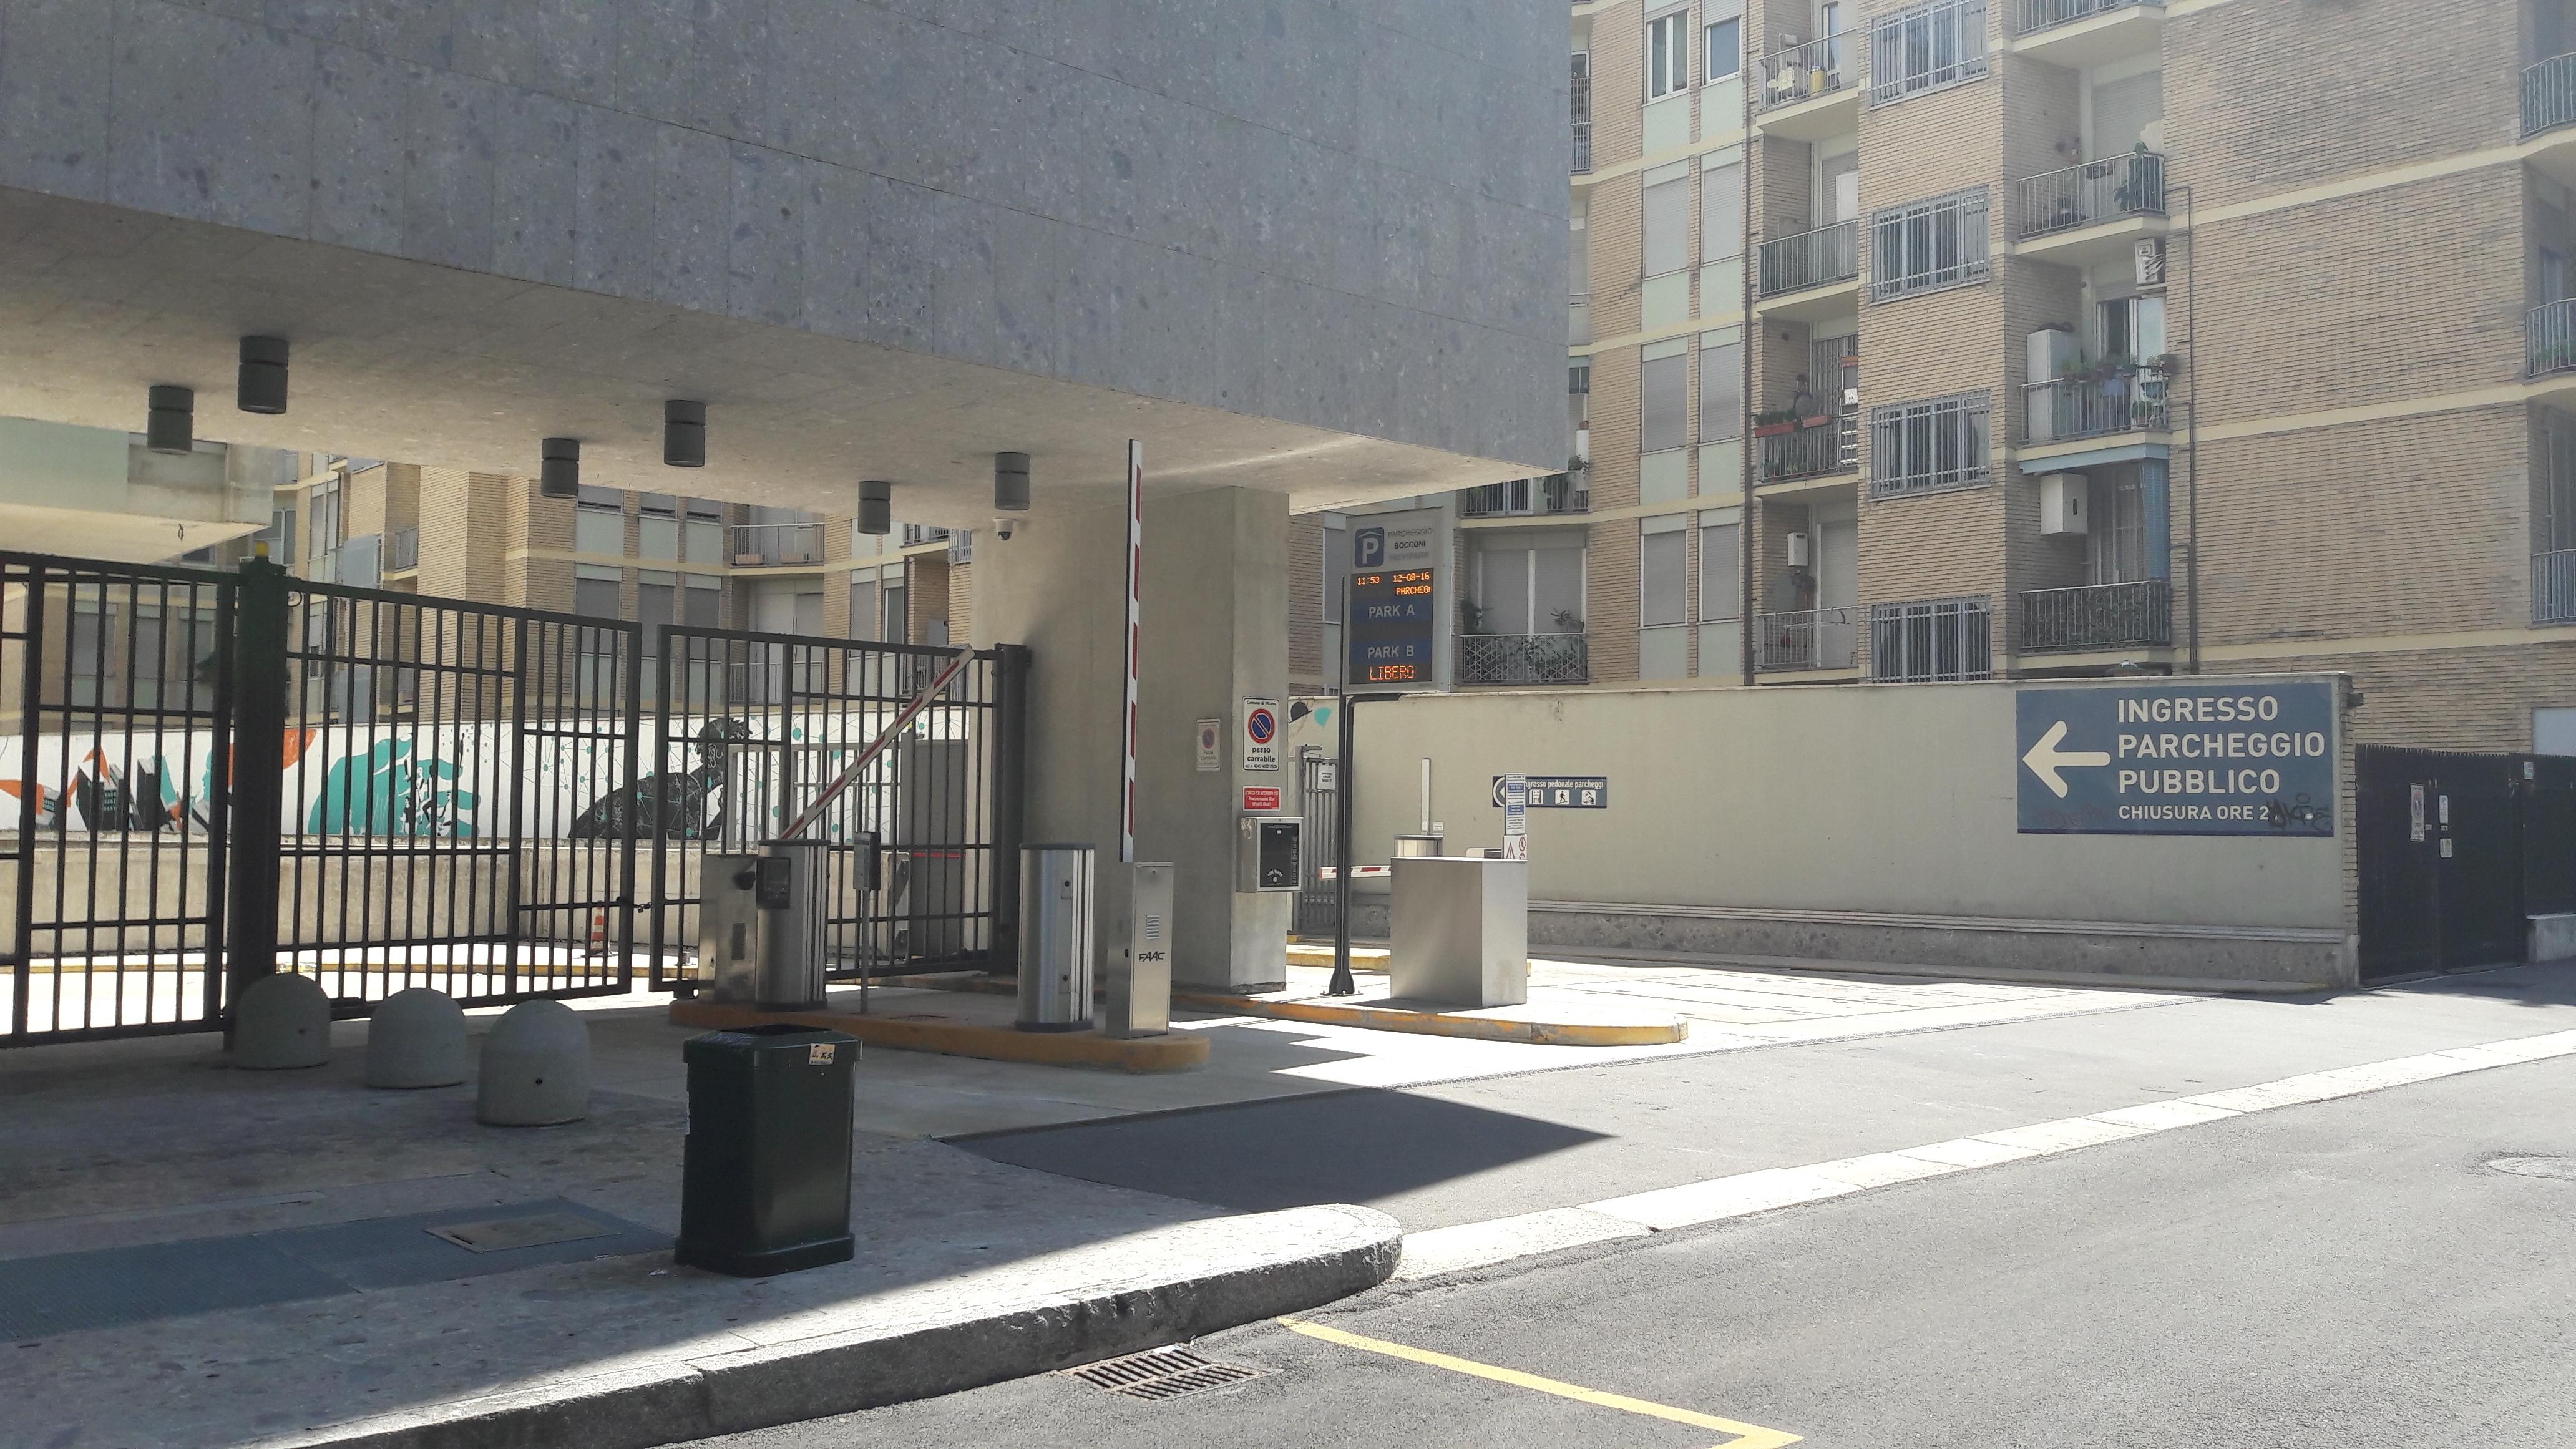 Parcheggio Universita Bocconi B Parking In Milano Parkme